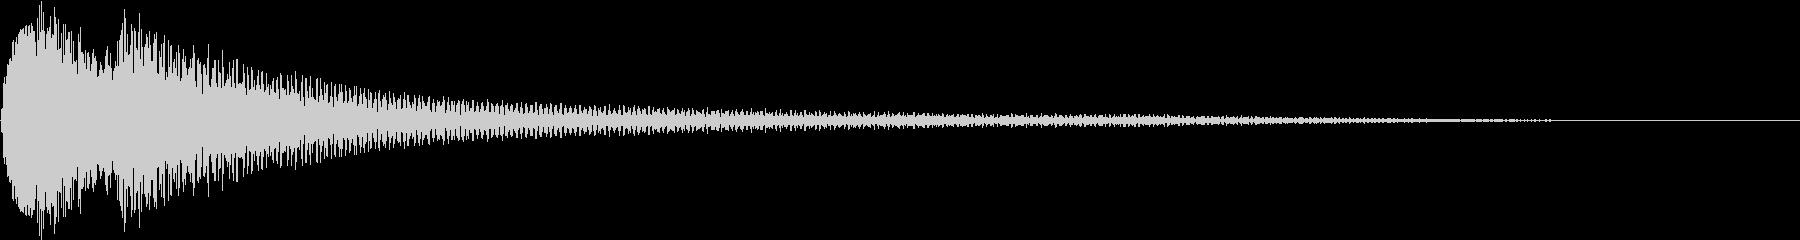 ピコン(お洒落で優しいピアノの警告音)2の未再生の波形